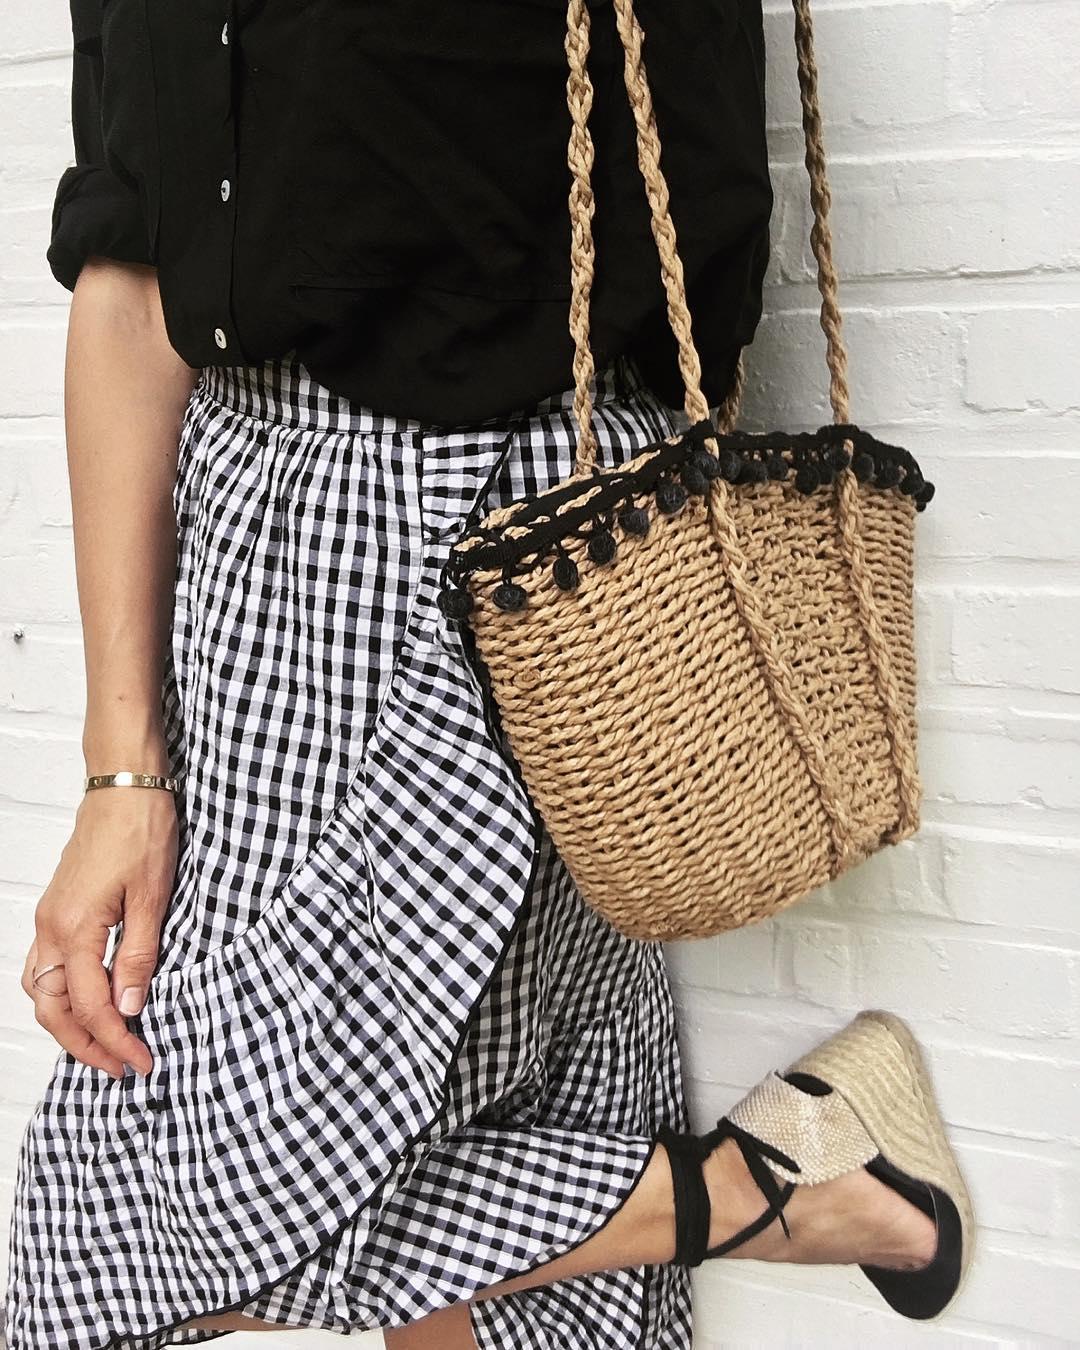 @fashion_caramel